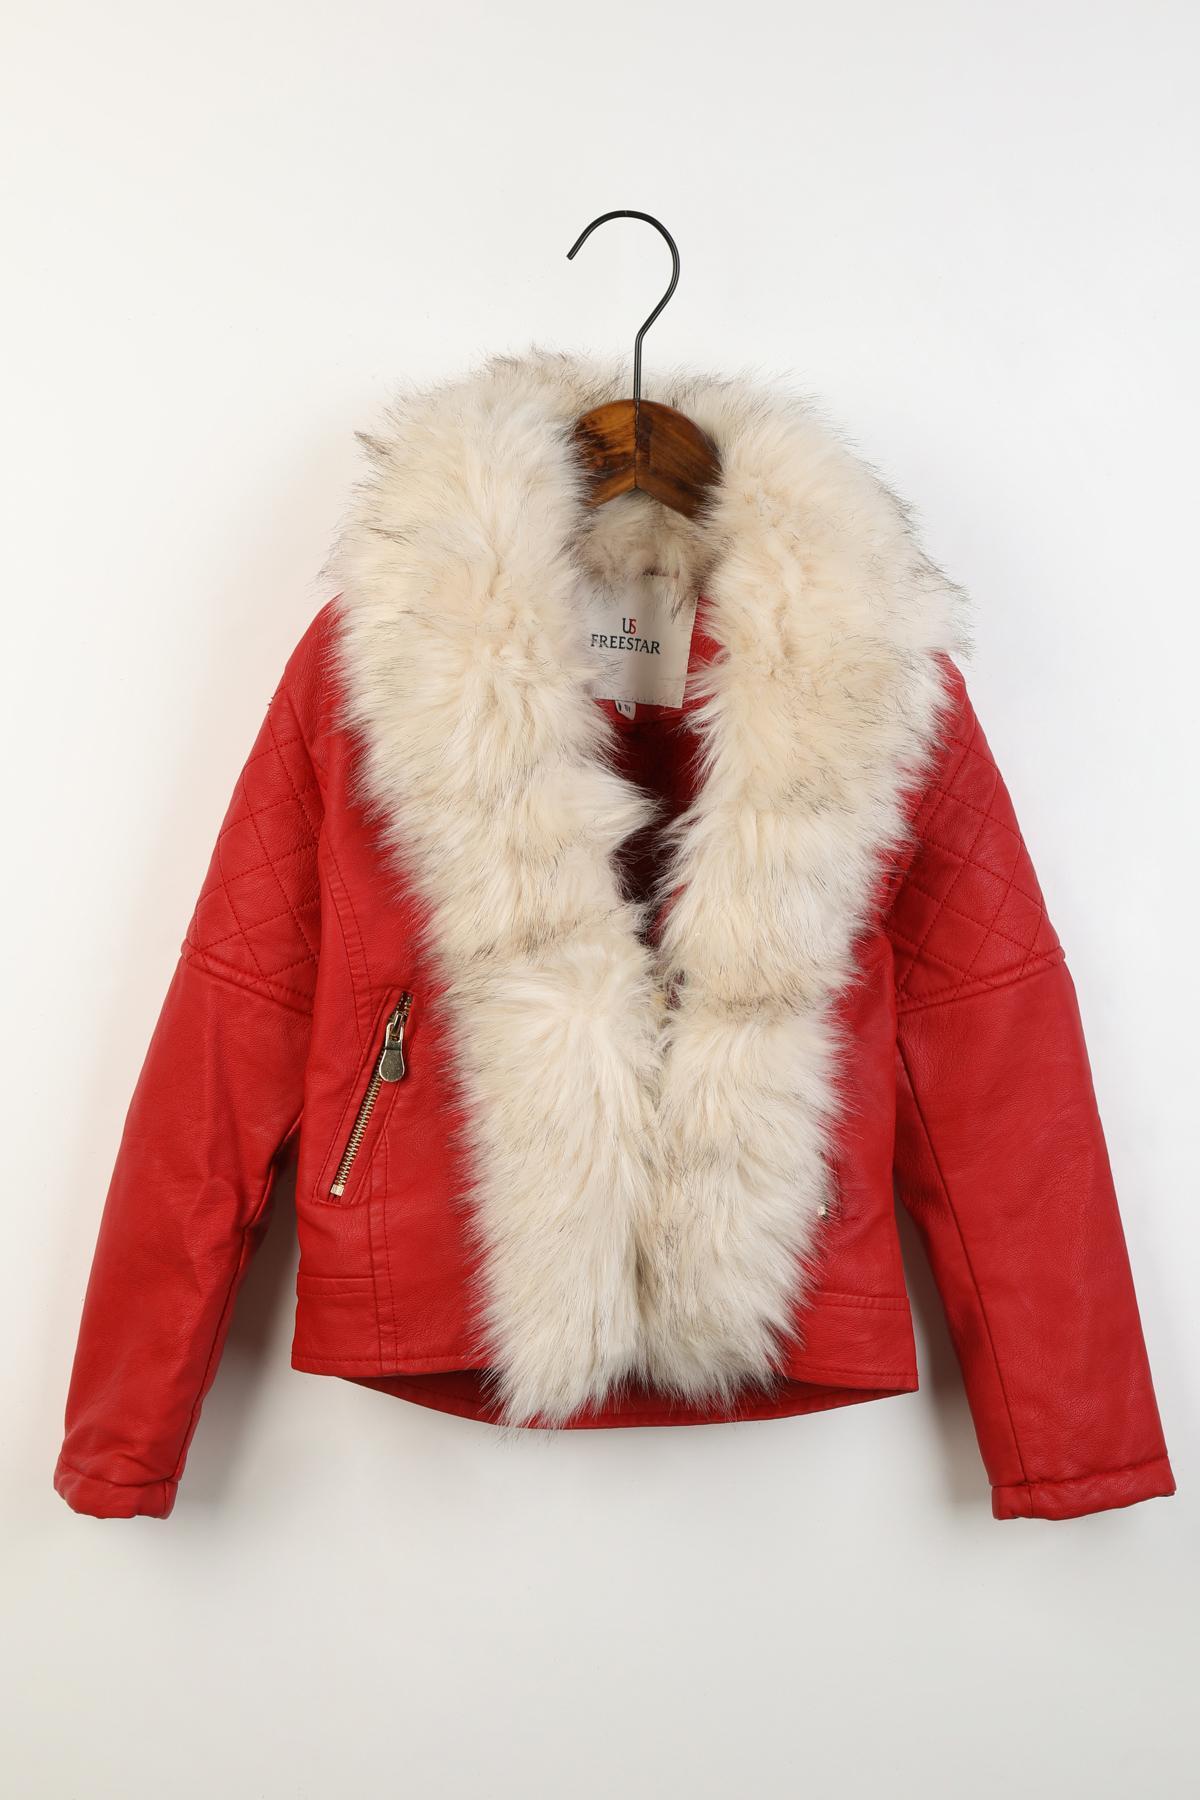 Vêtements extérieurs Enfant Couleurs mélangées Free Star 80011-M #c eFashion Paris